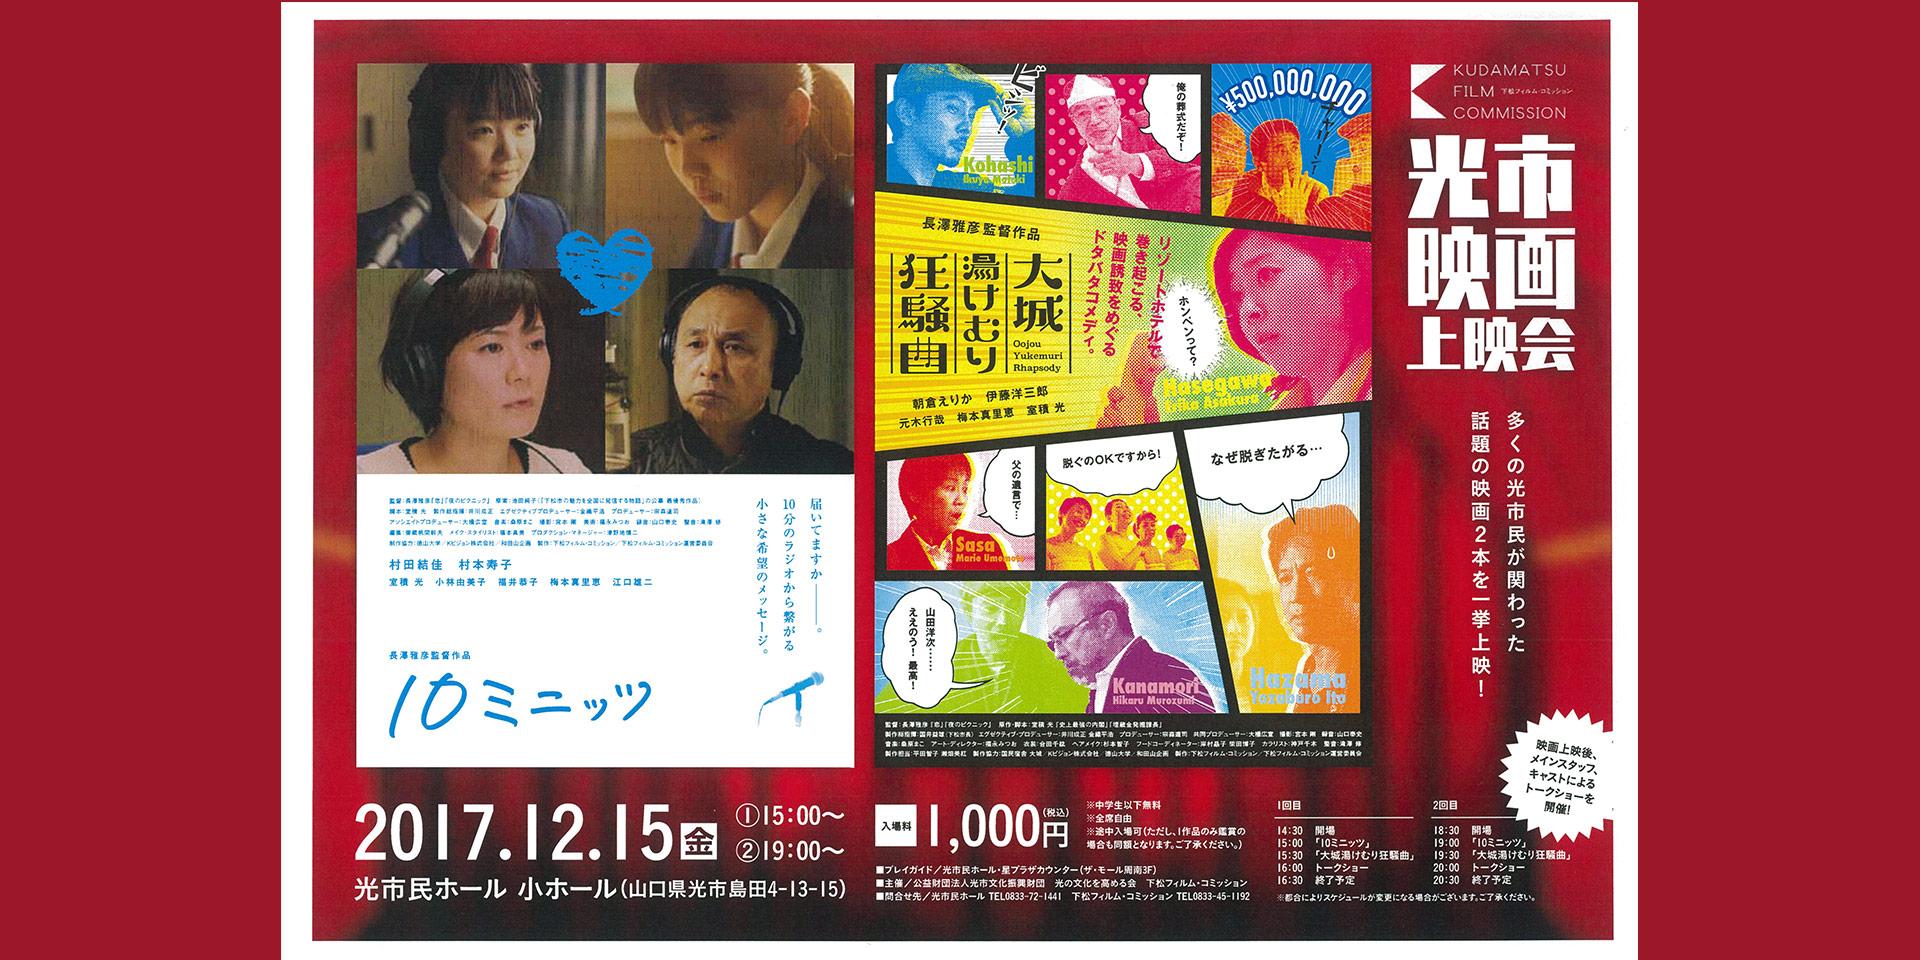 光市映画上映会【10ミニッツ】【大城湯けむり狂騒曲】